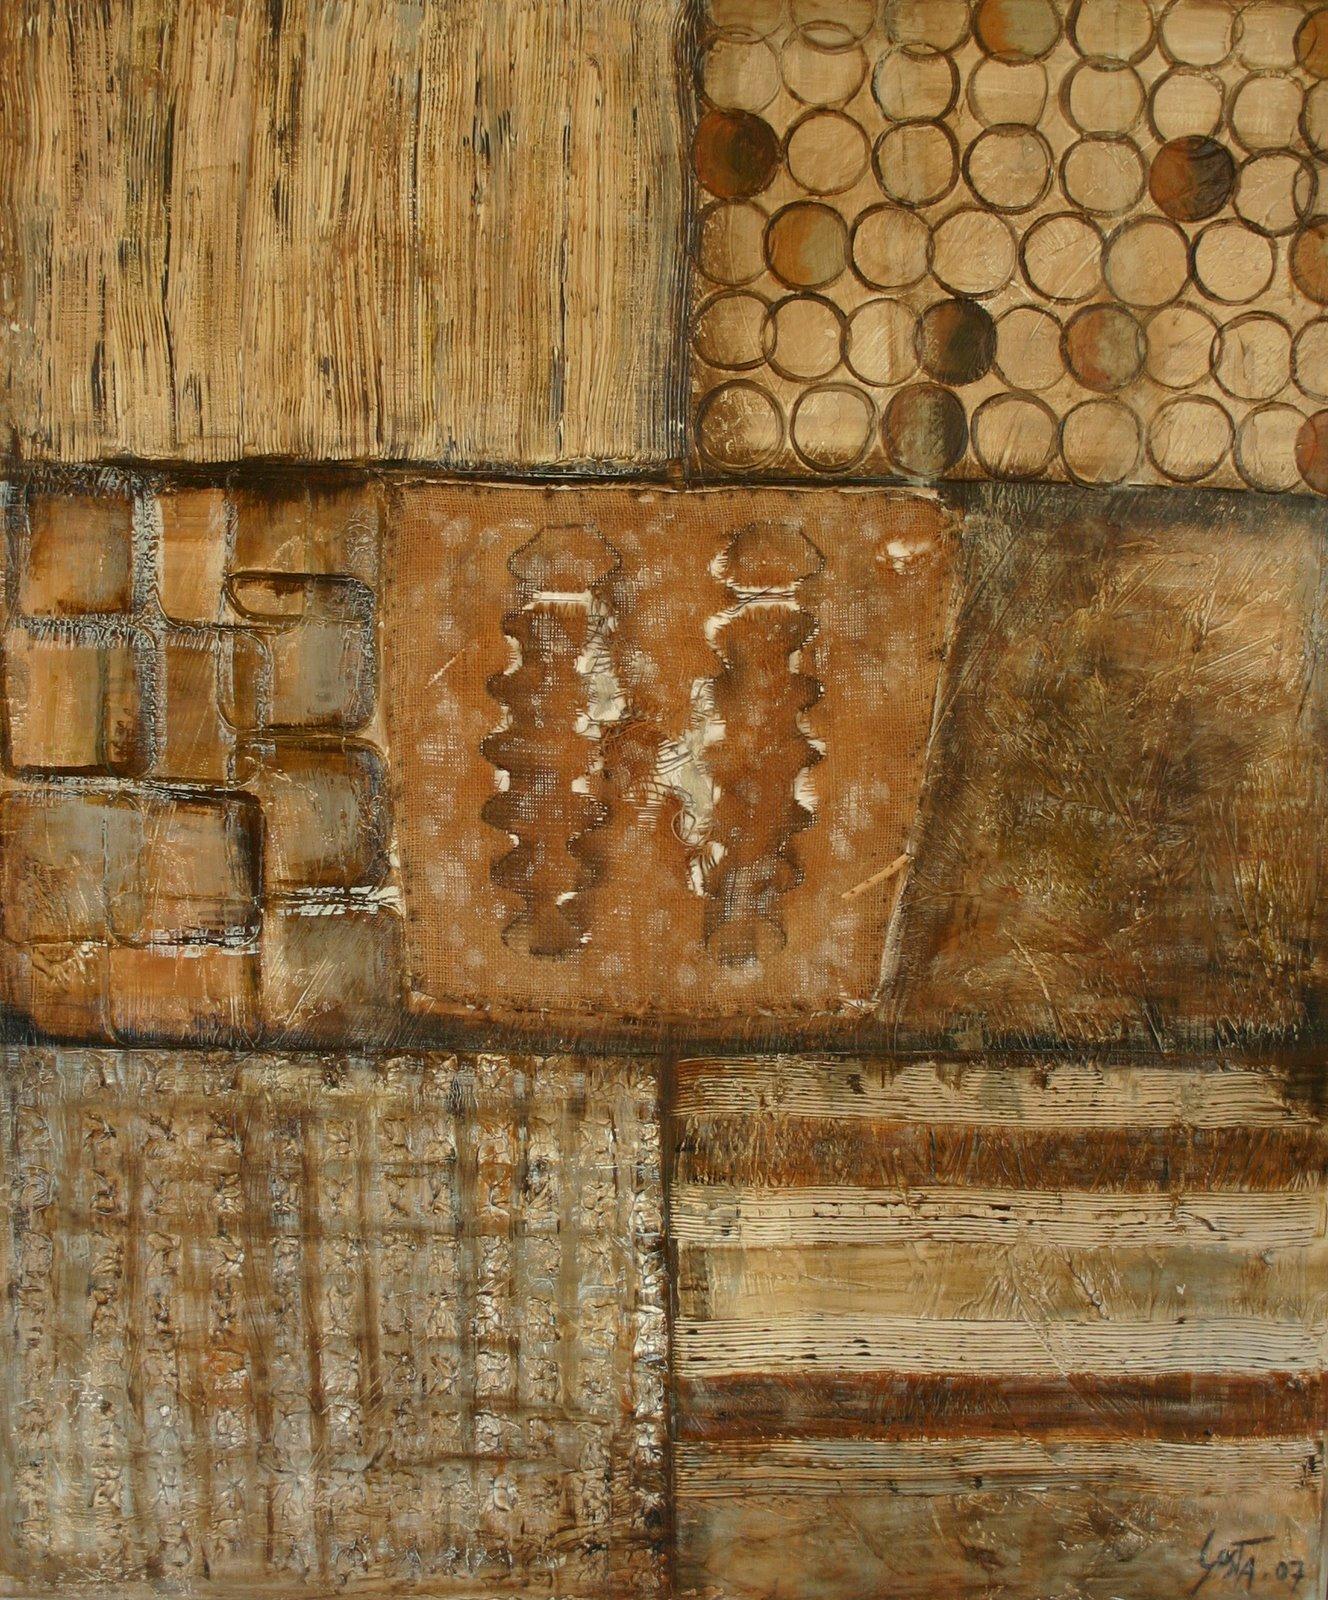 Tableau Contemporain, Eléments. Sophie Costa, artiste peintre.